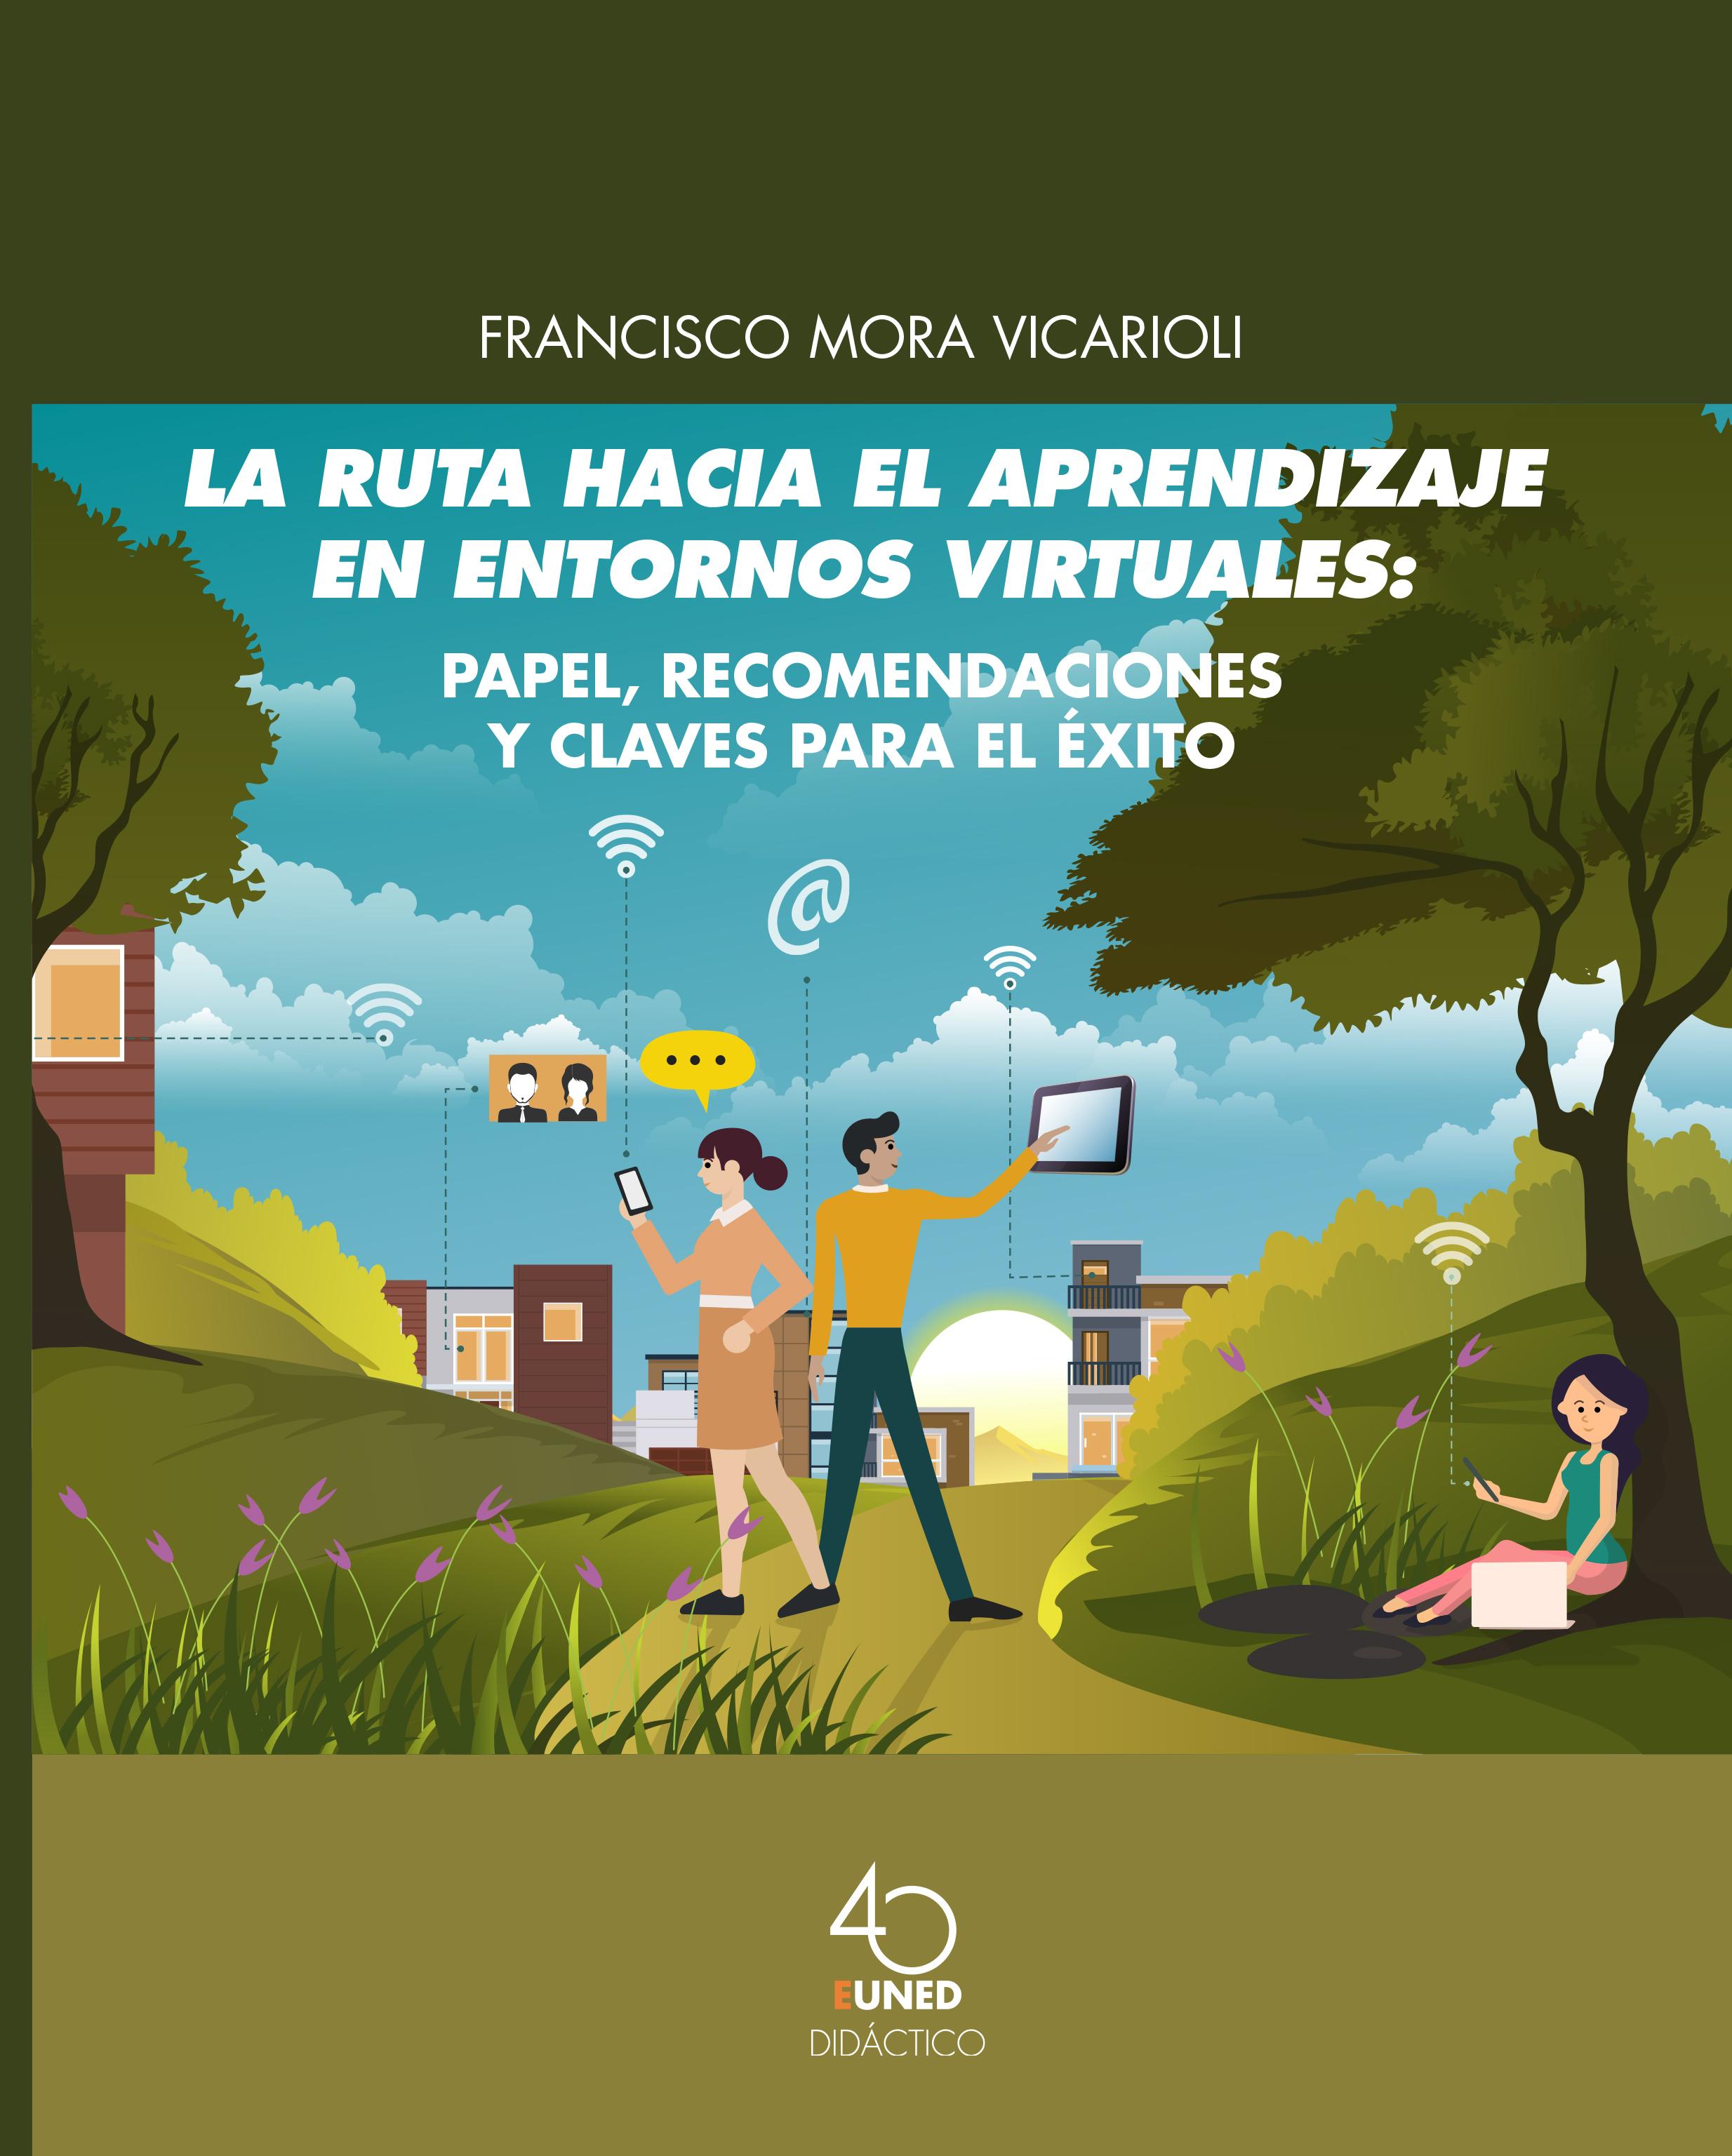 La ruta hacia el aprendizaje en entorno virtuales